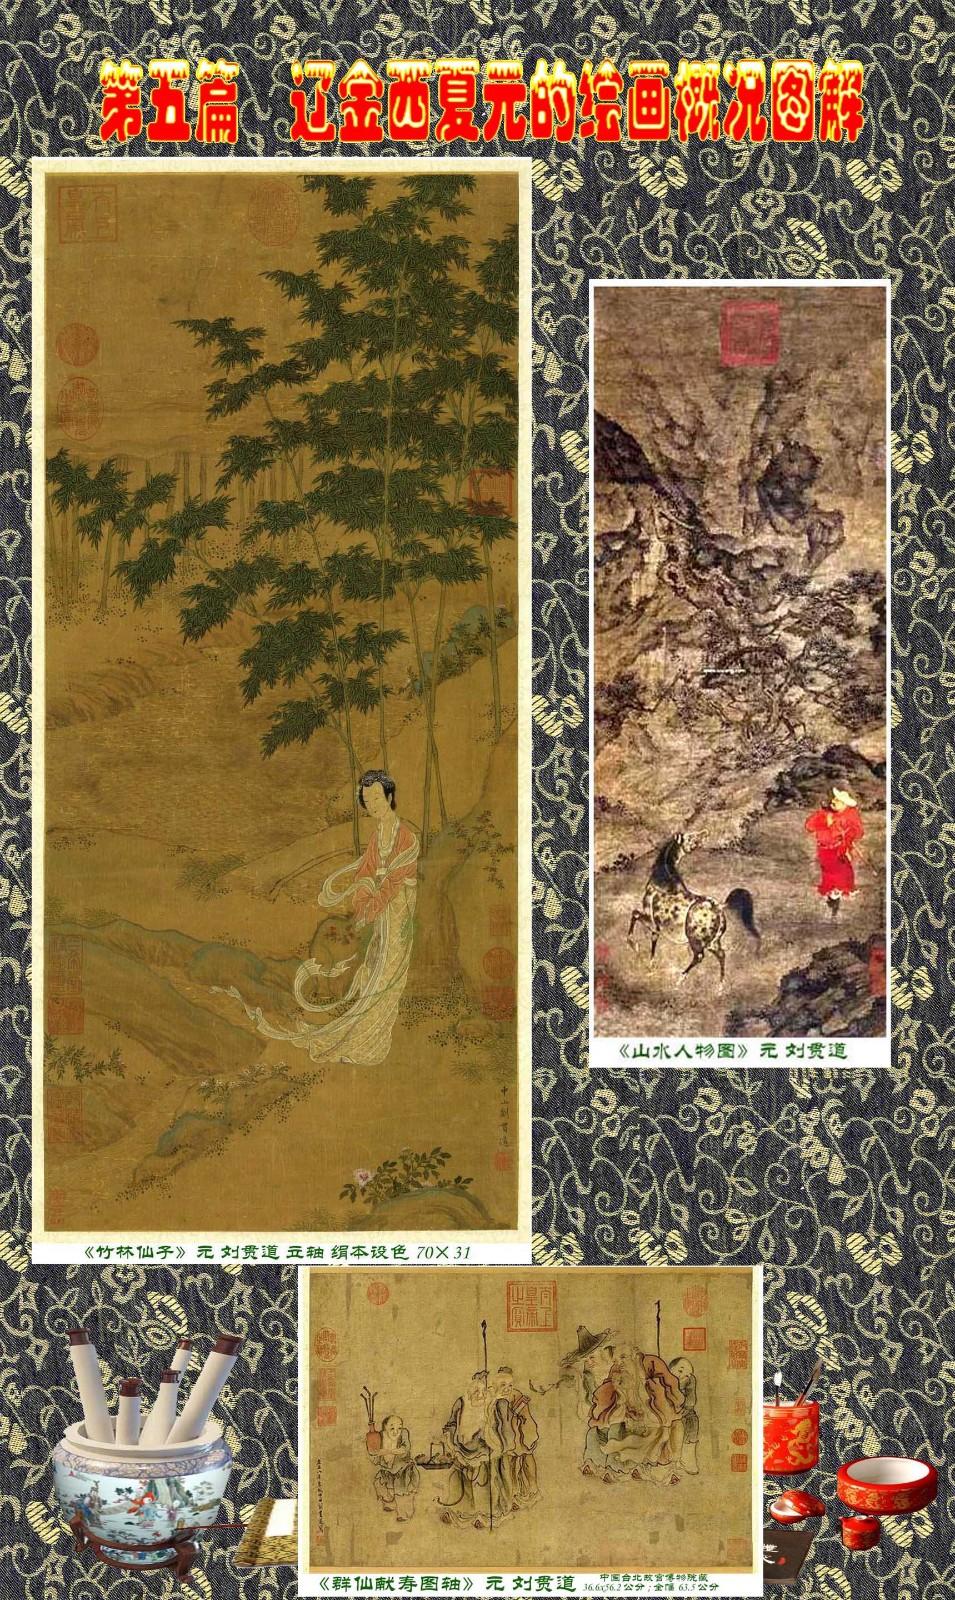 顾绍骅编辑 中国画知识普及版 第五篇 辽金西夏元的绘画概况 下 ... ..._图1-22